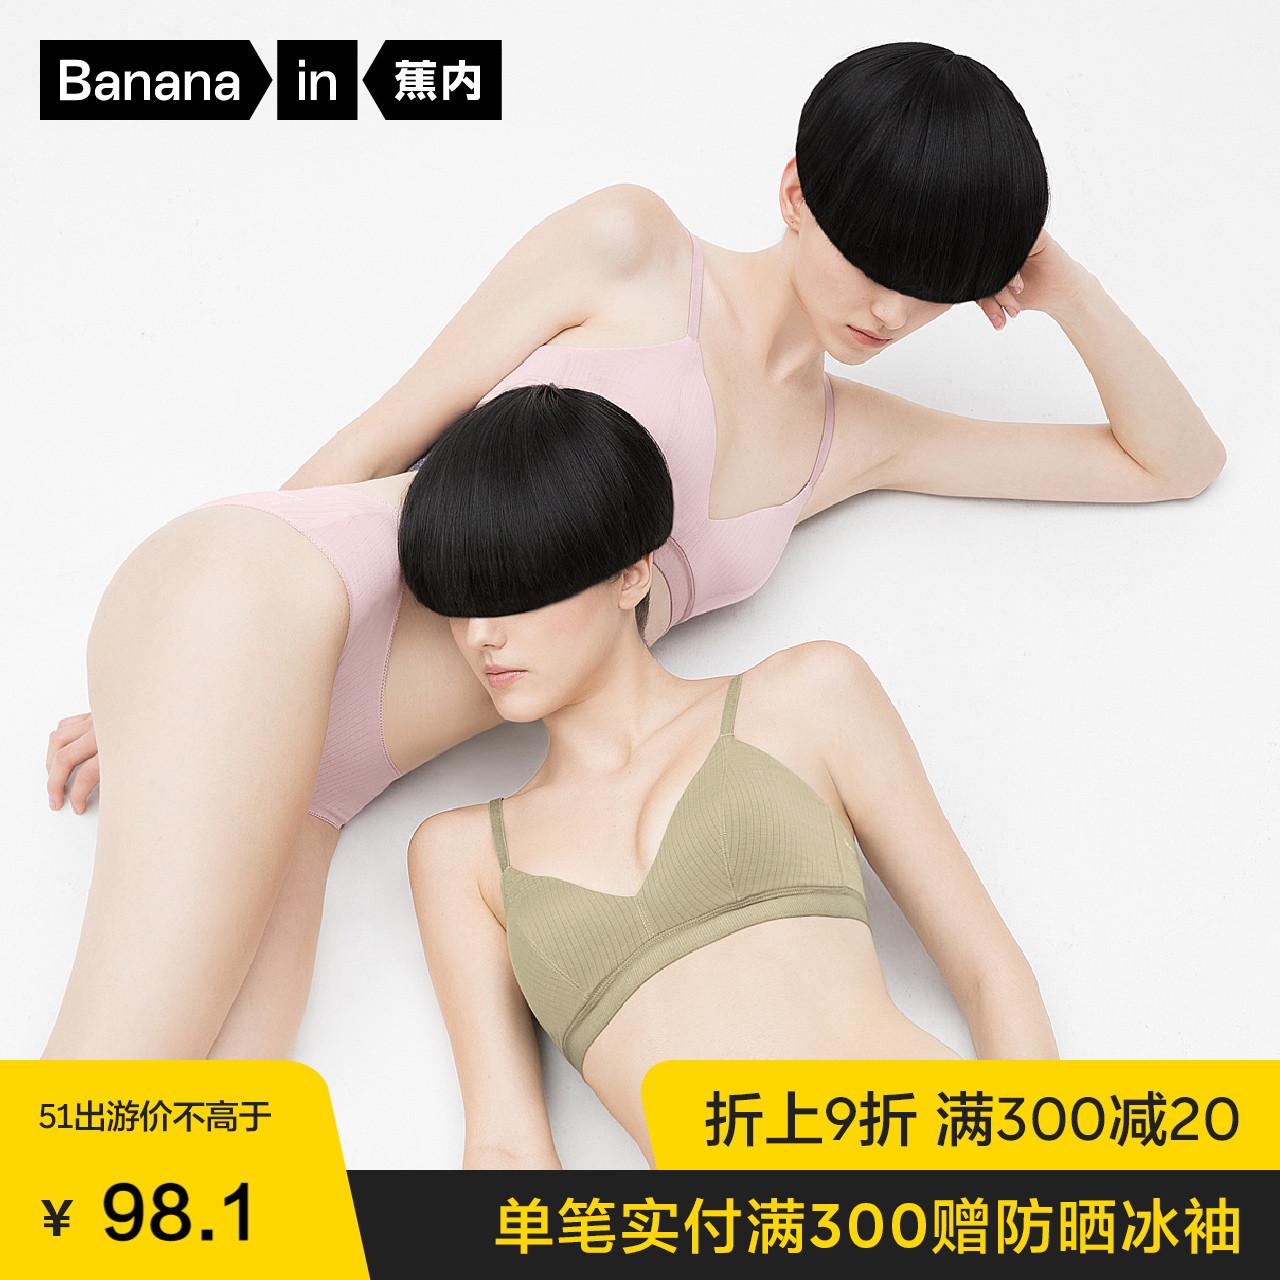 内衣女薄款三角捞定杯胸罩女士莫代尔螺纹文胸女蕉纶Bananain311S